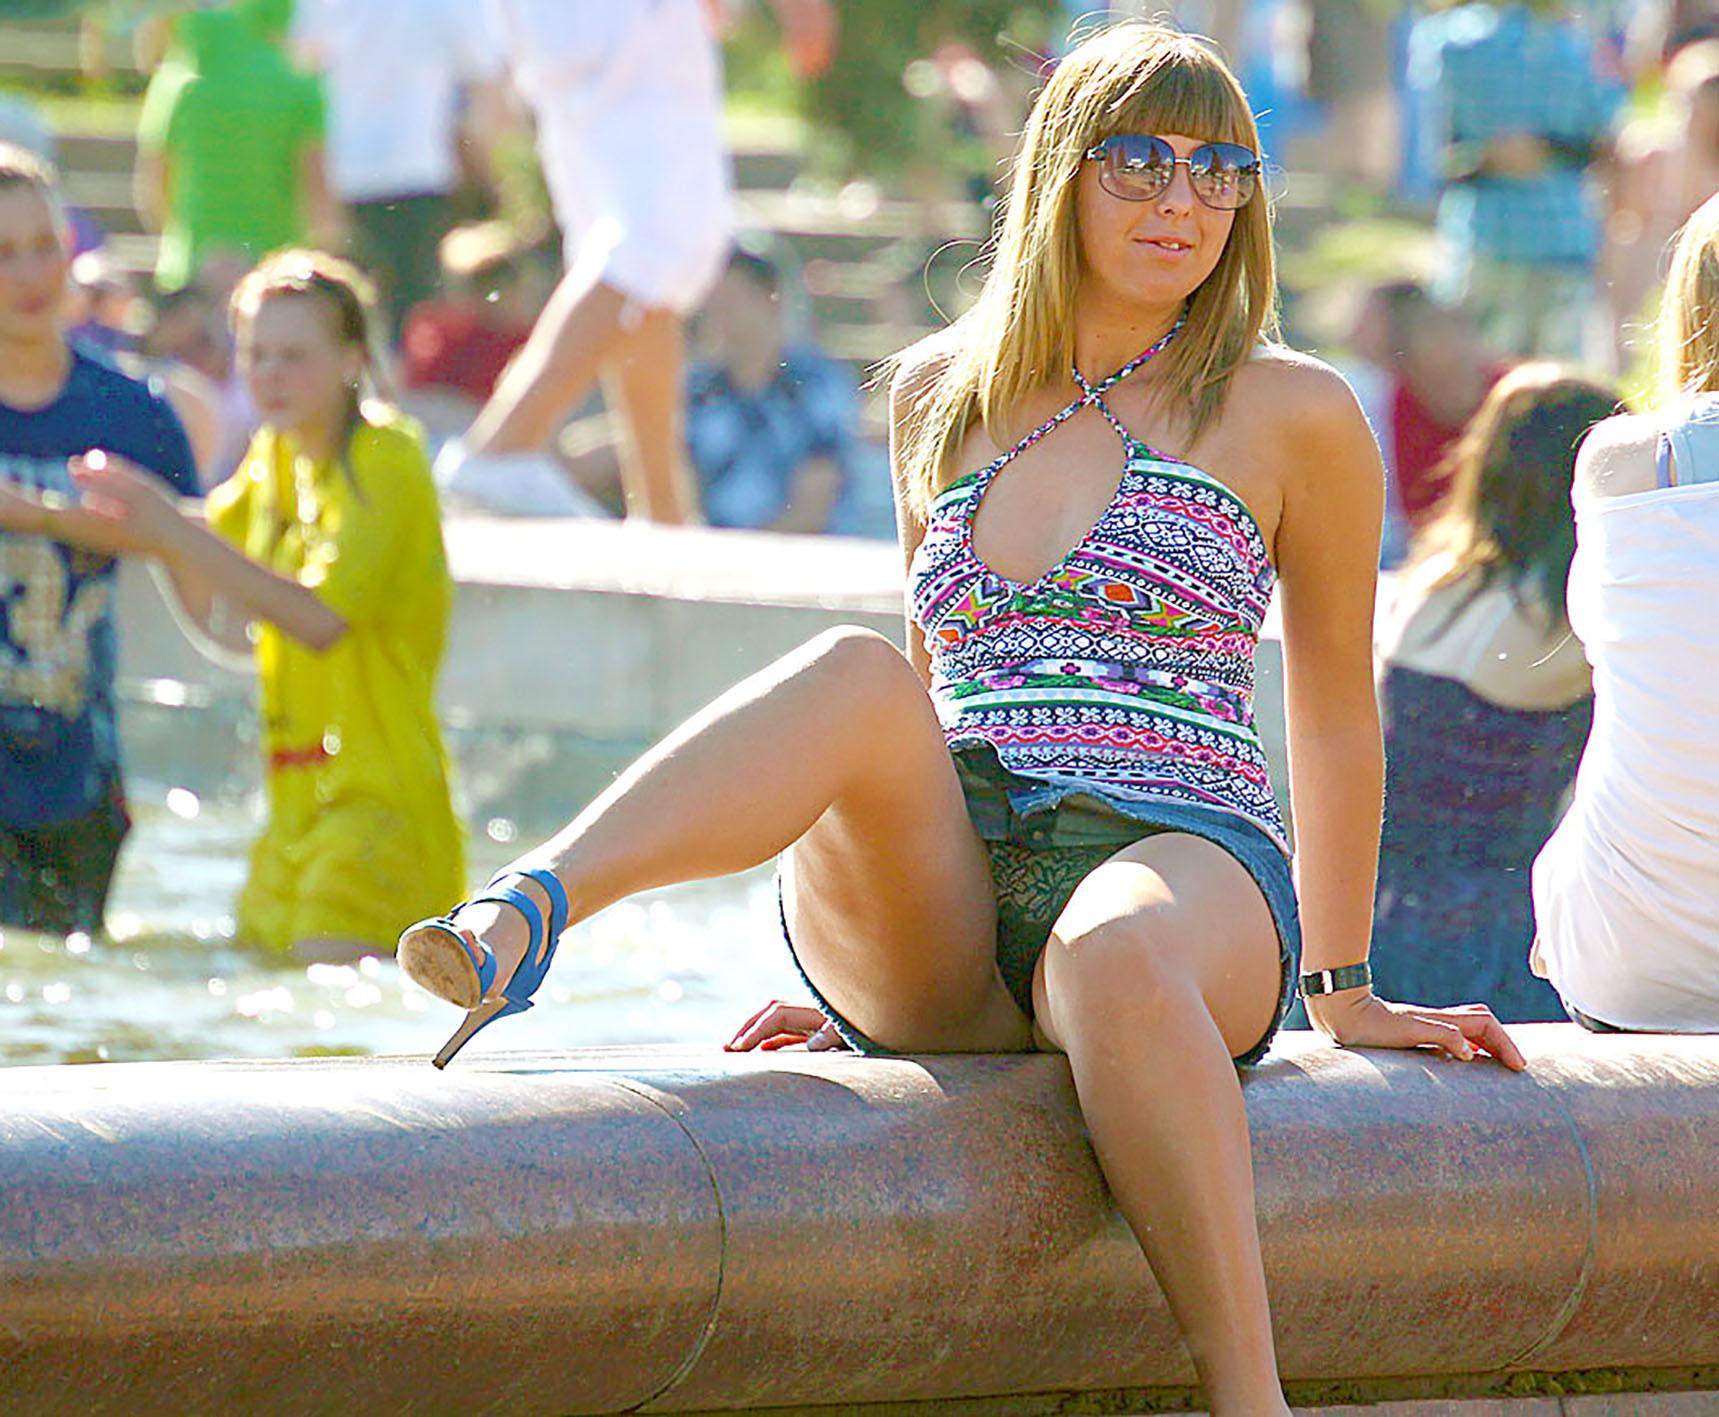 Девушка в джинсовой мини-юбке засветила у фонтана черные прозрачные трусики